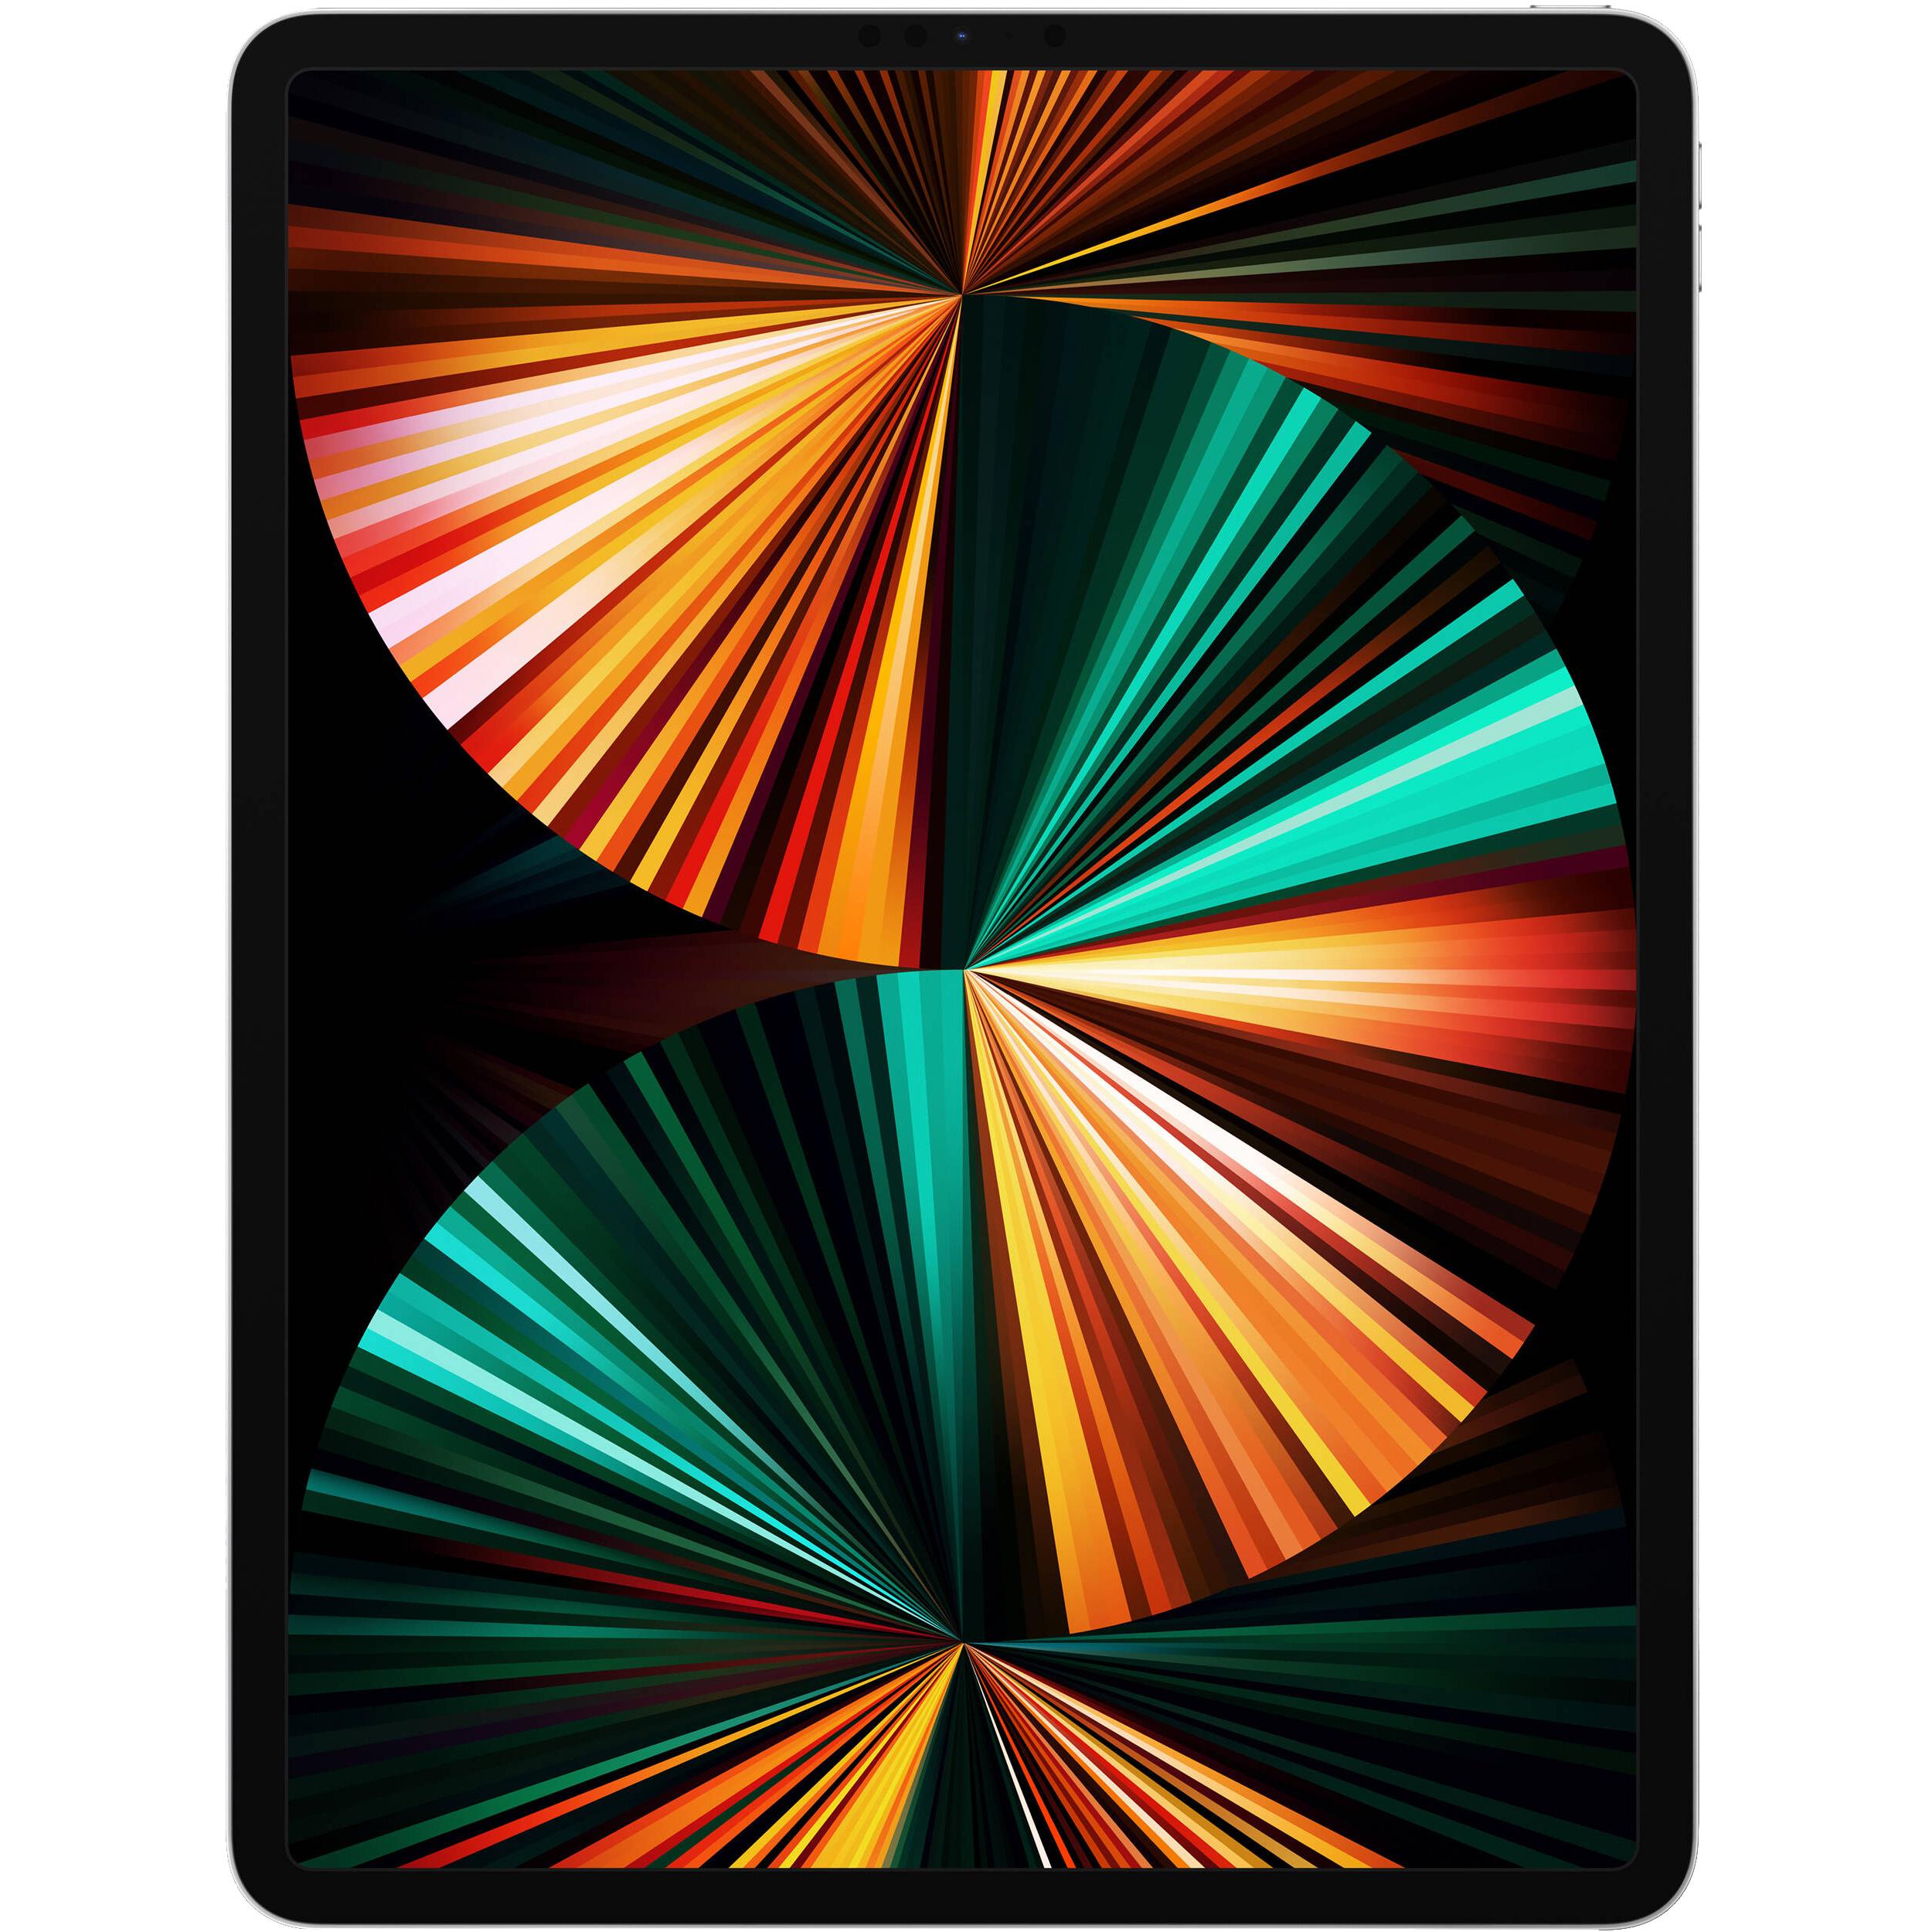 تبلت اپل مدل iPad Pro 12.9 inch 2021 WiFi ظرفیت یک ترابایت